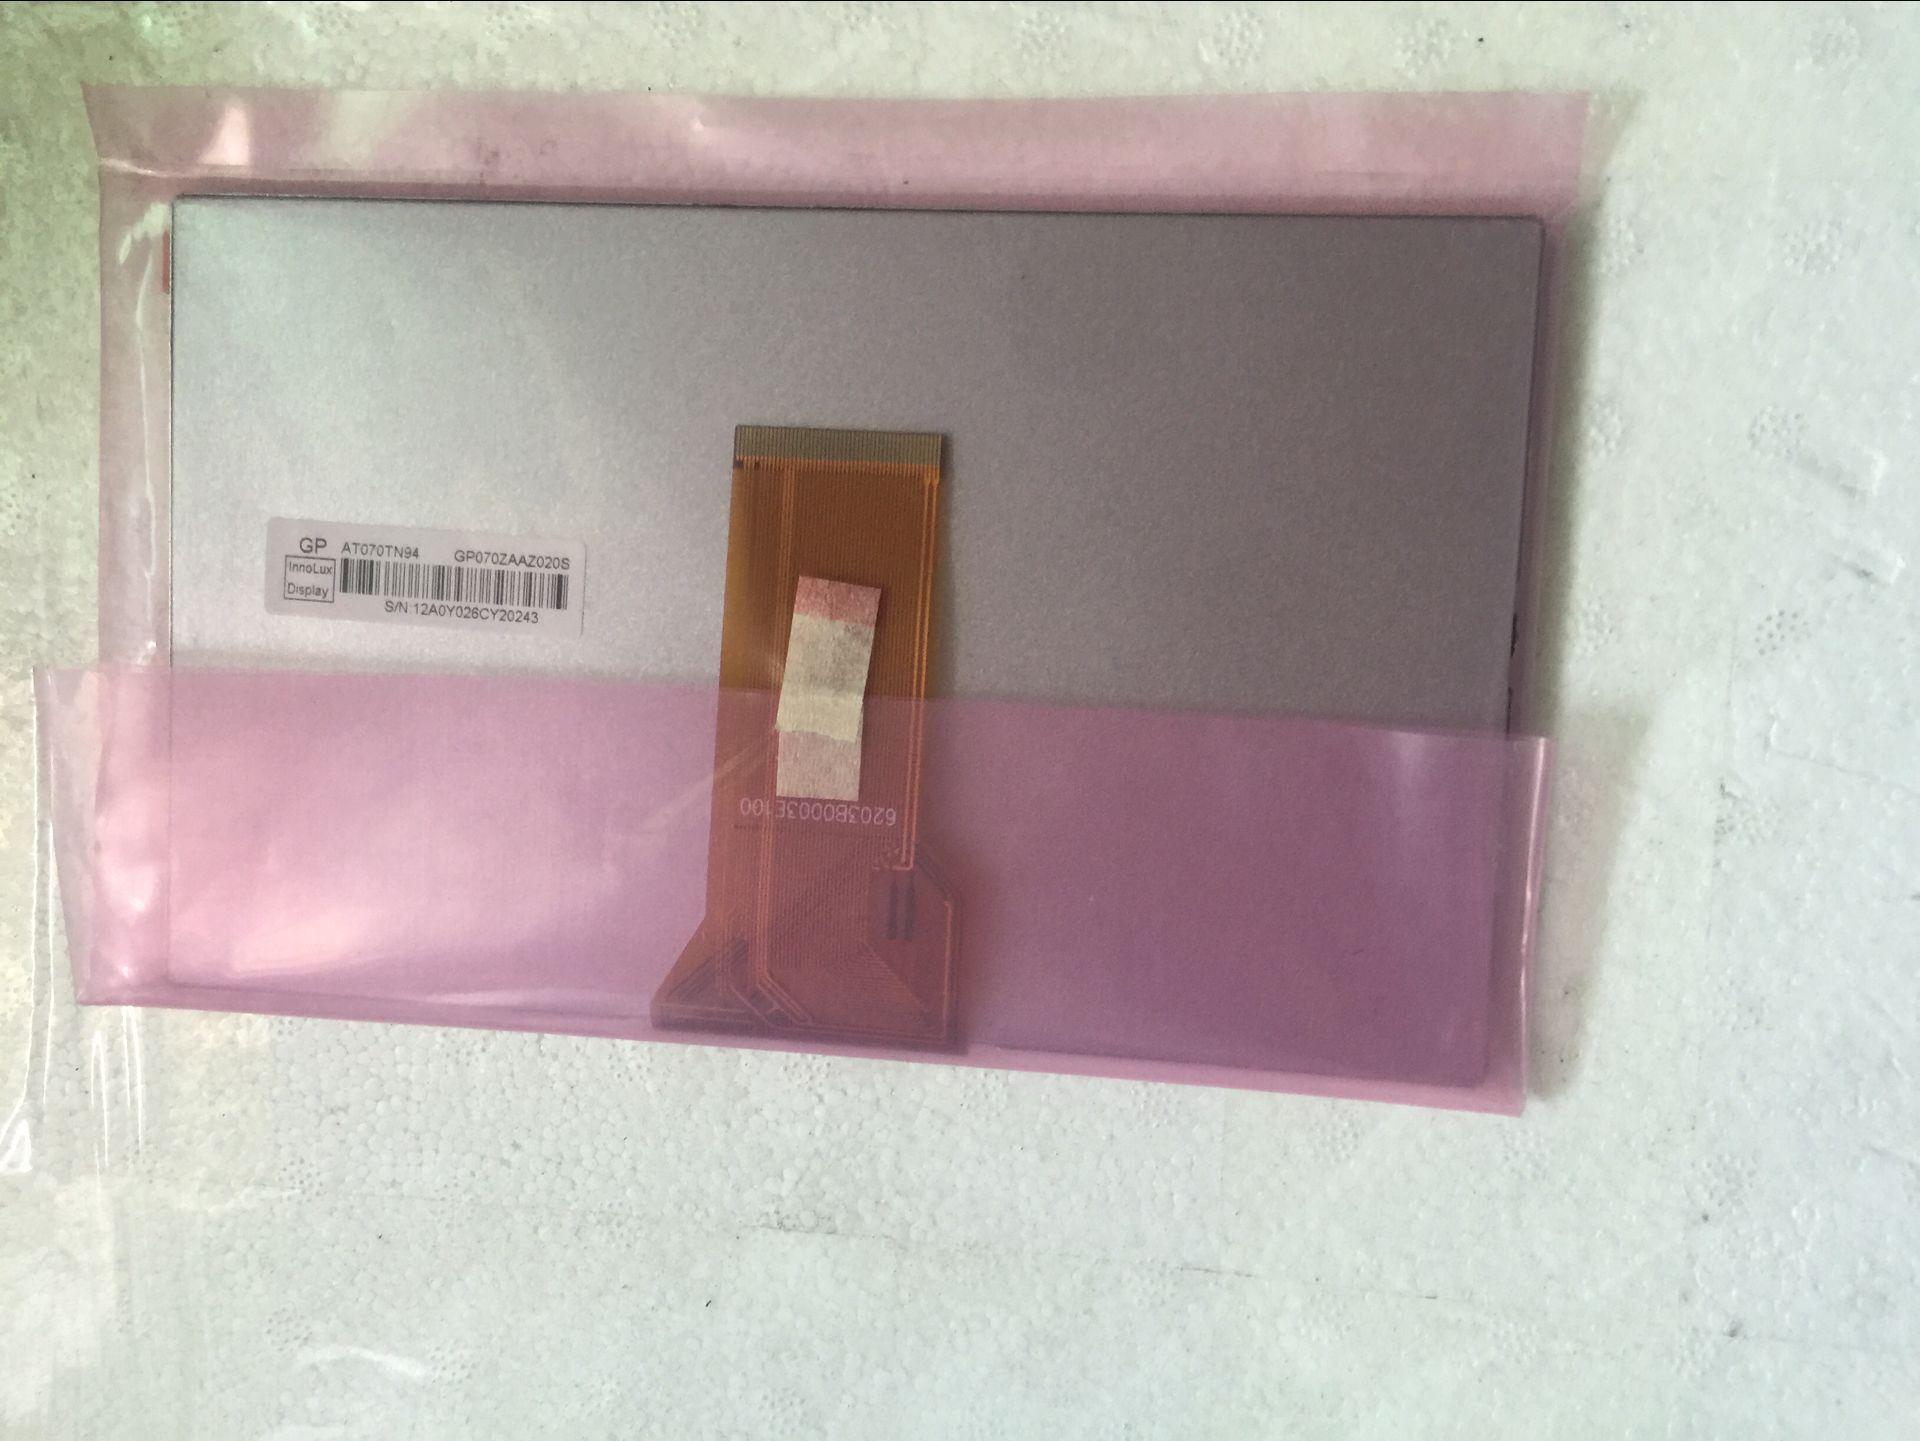 HMIGXO3501 HMIGX03501 Panel de visualización para reparación de Panel HMI ~ hágalo usted mismo, tiene en stock